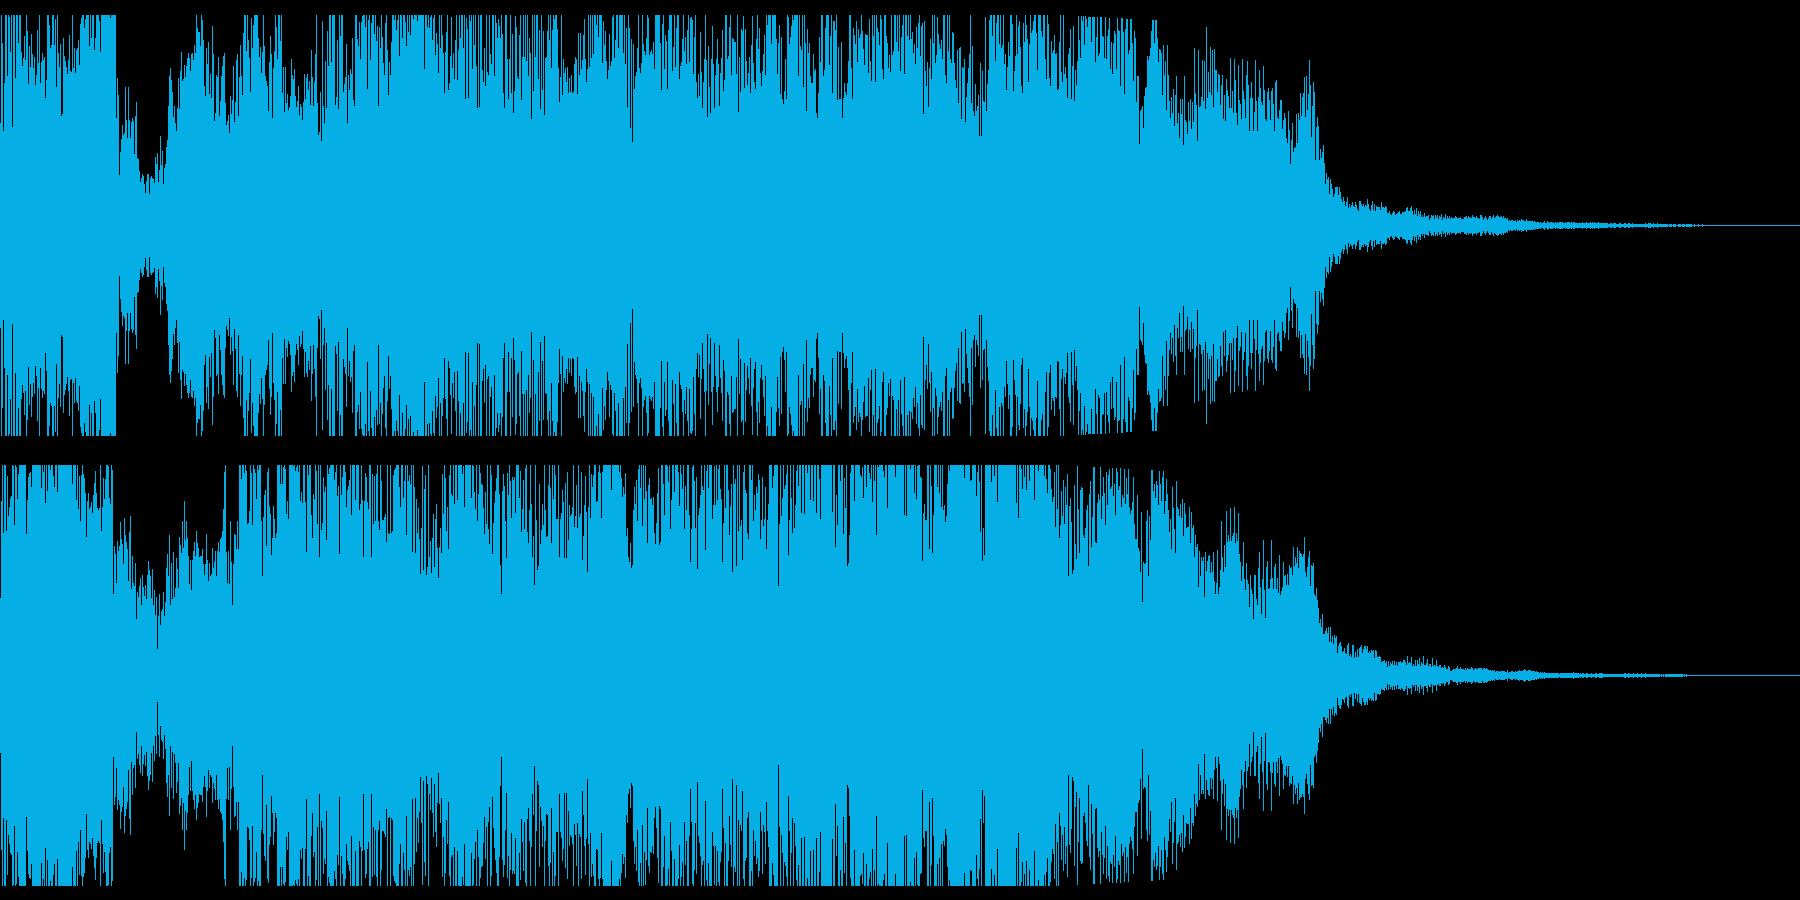 RPG戦闘勝利オーケストラファンファーレの再生済みの波形